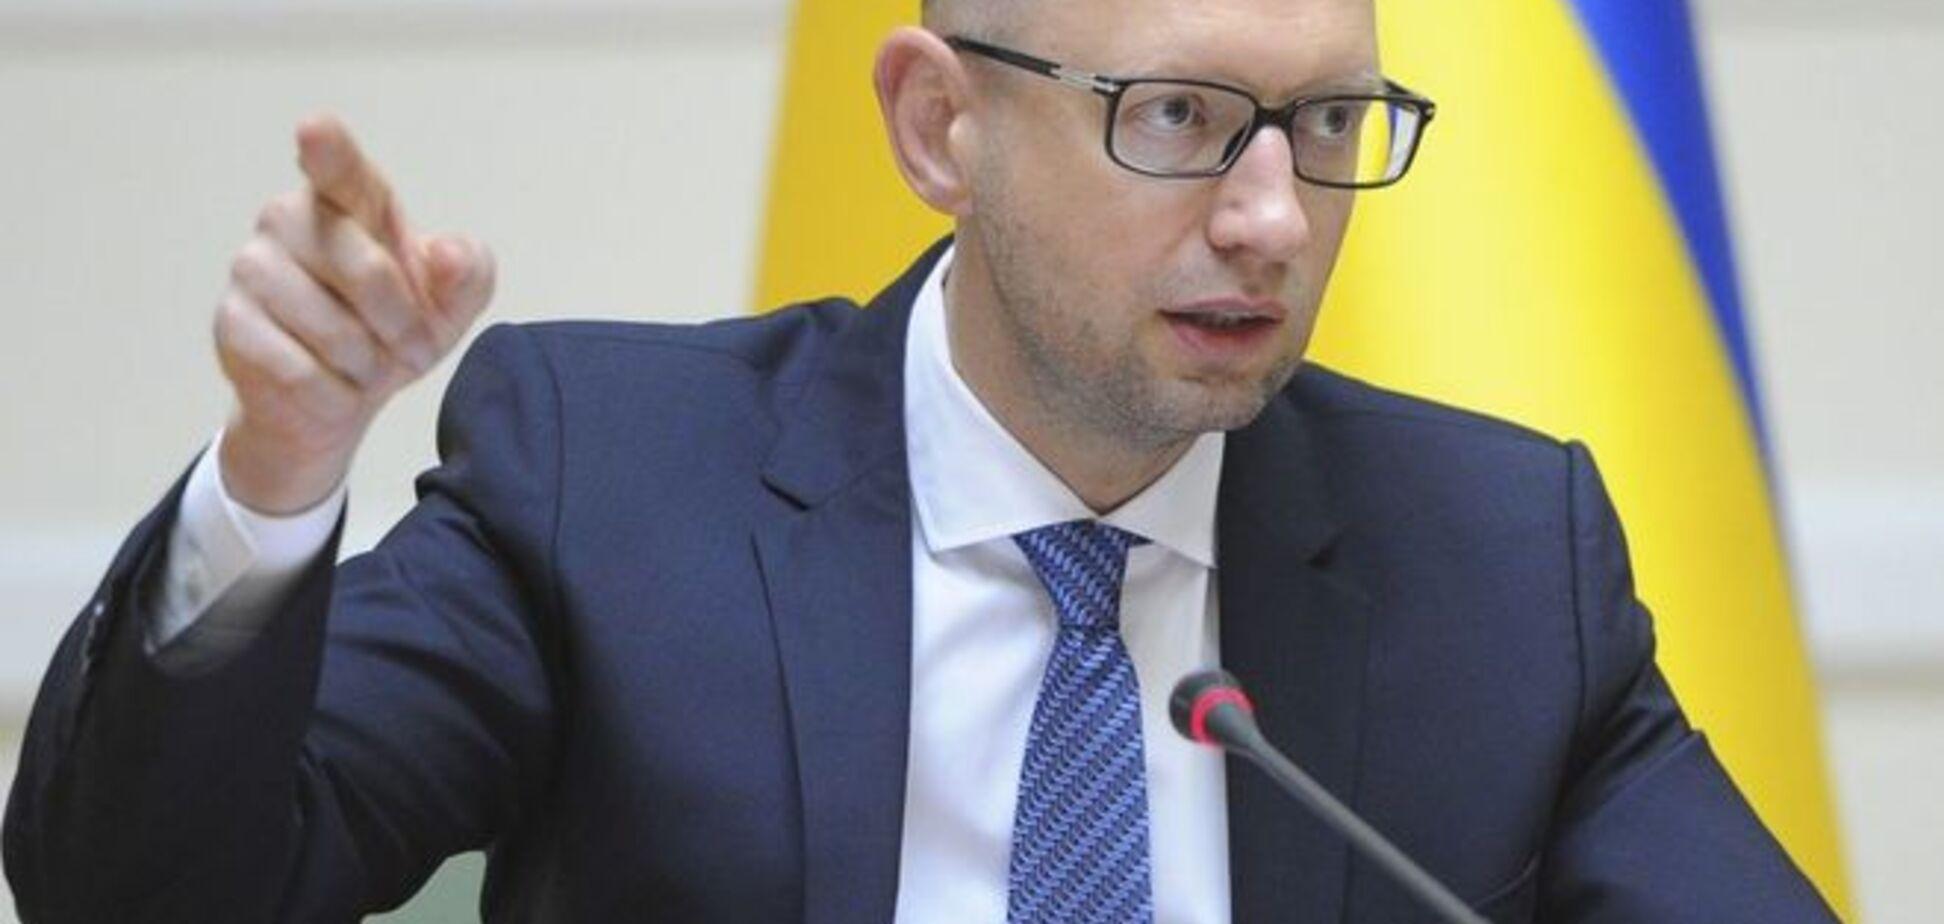 Кабмин решил ввести режим чрезвычайной ситуации в Донецкой и Луганской областях